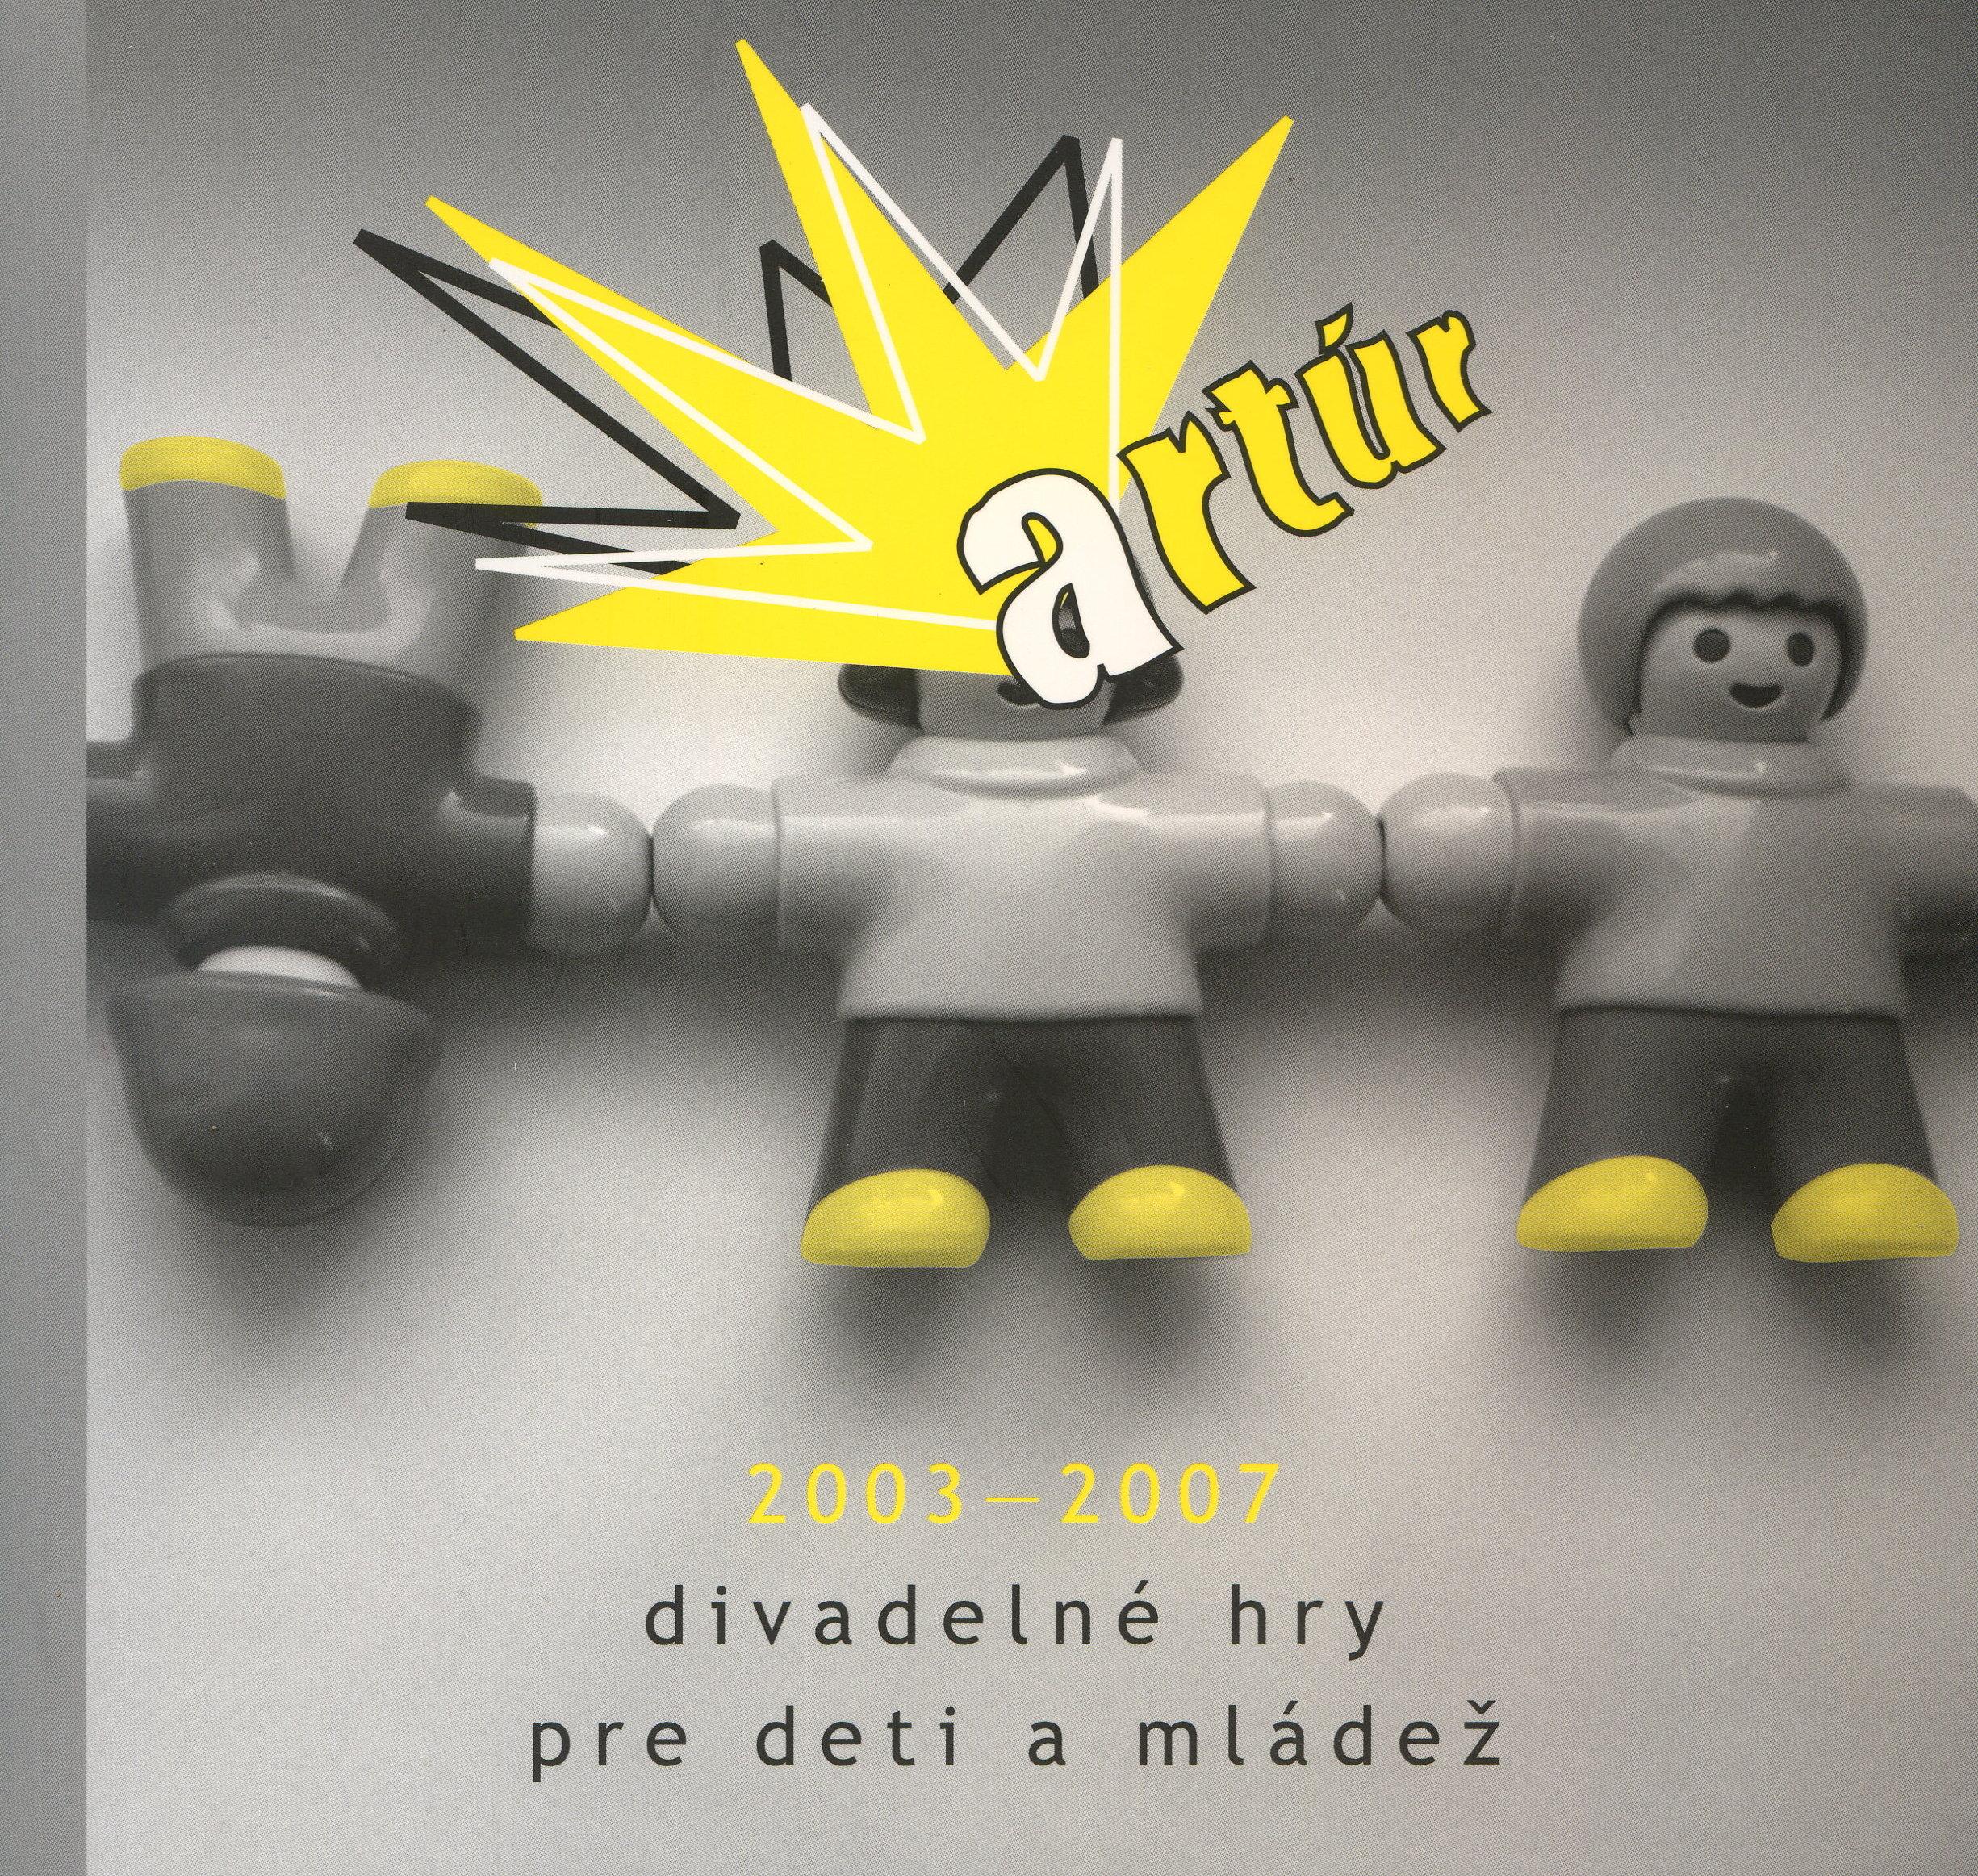 Artúr 2003 -2007 - Divadelné hry pre deti a mládež